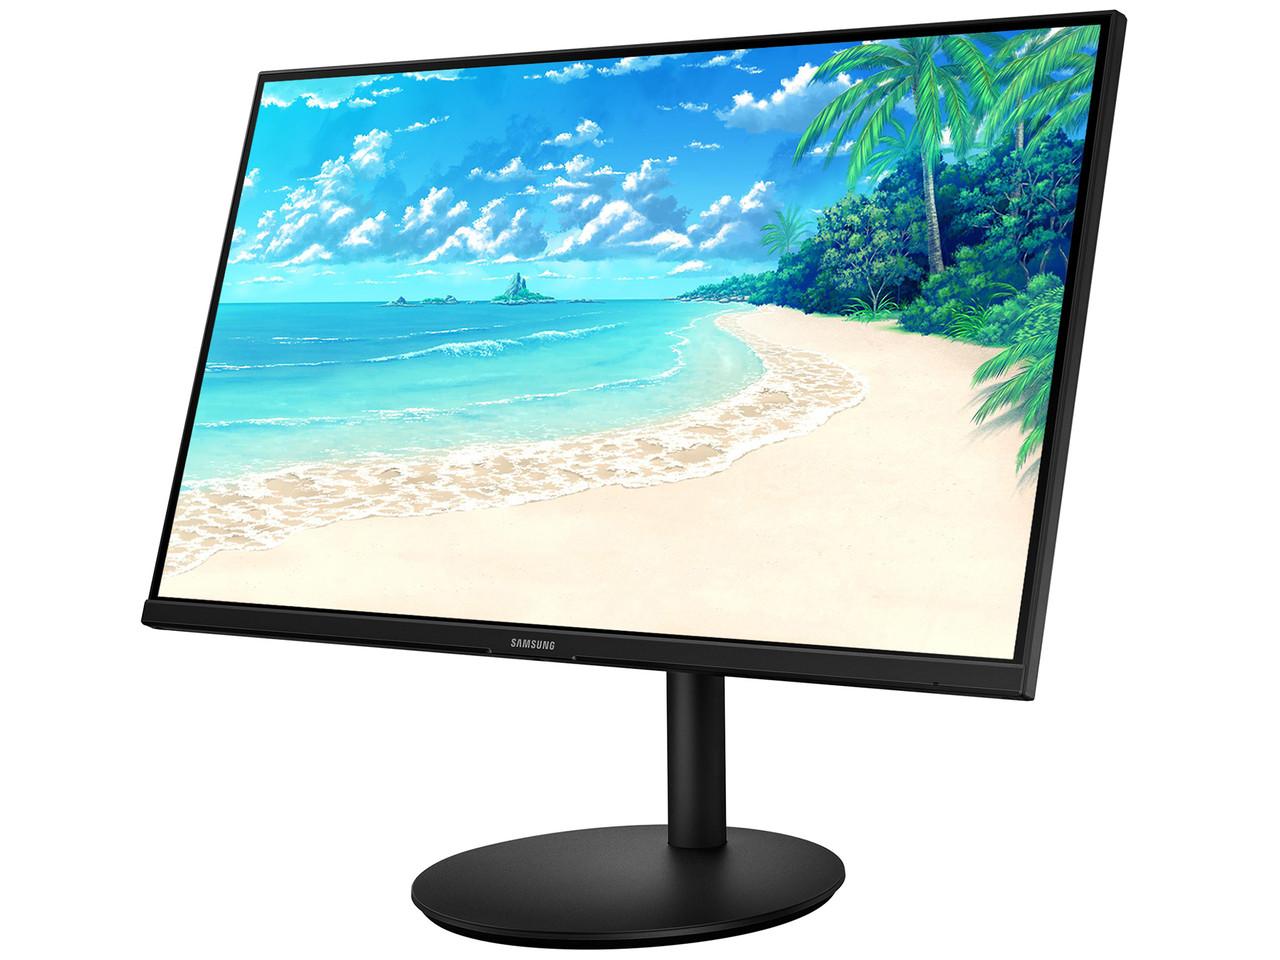 """Монитор Samsung F27T700QQI LCD 27"""" 2560x1440 IPS (LED), 5ms, 300 cd/m2, 1000:1, DP/2HDMI"""